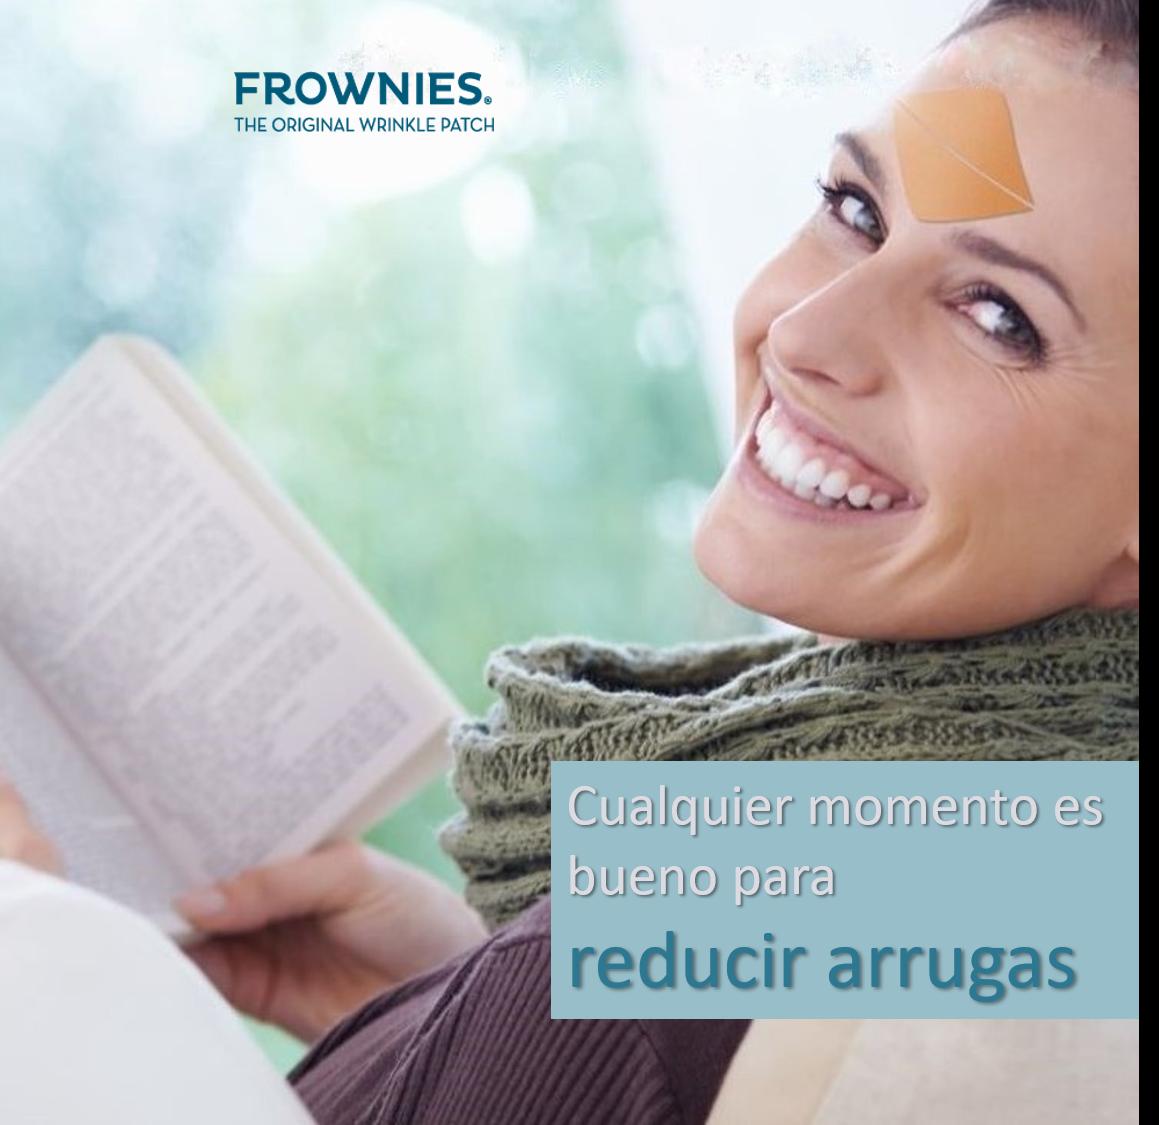 frownies parches antiarrugas para reducir arrugas frente entrecejo